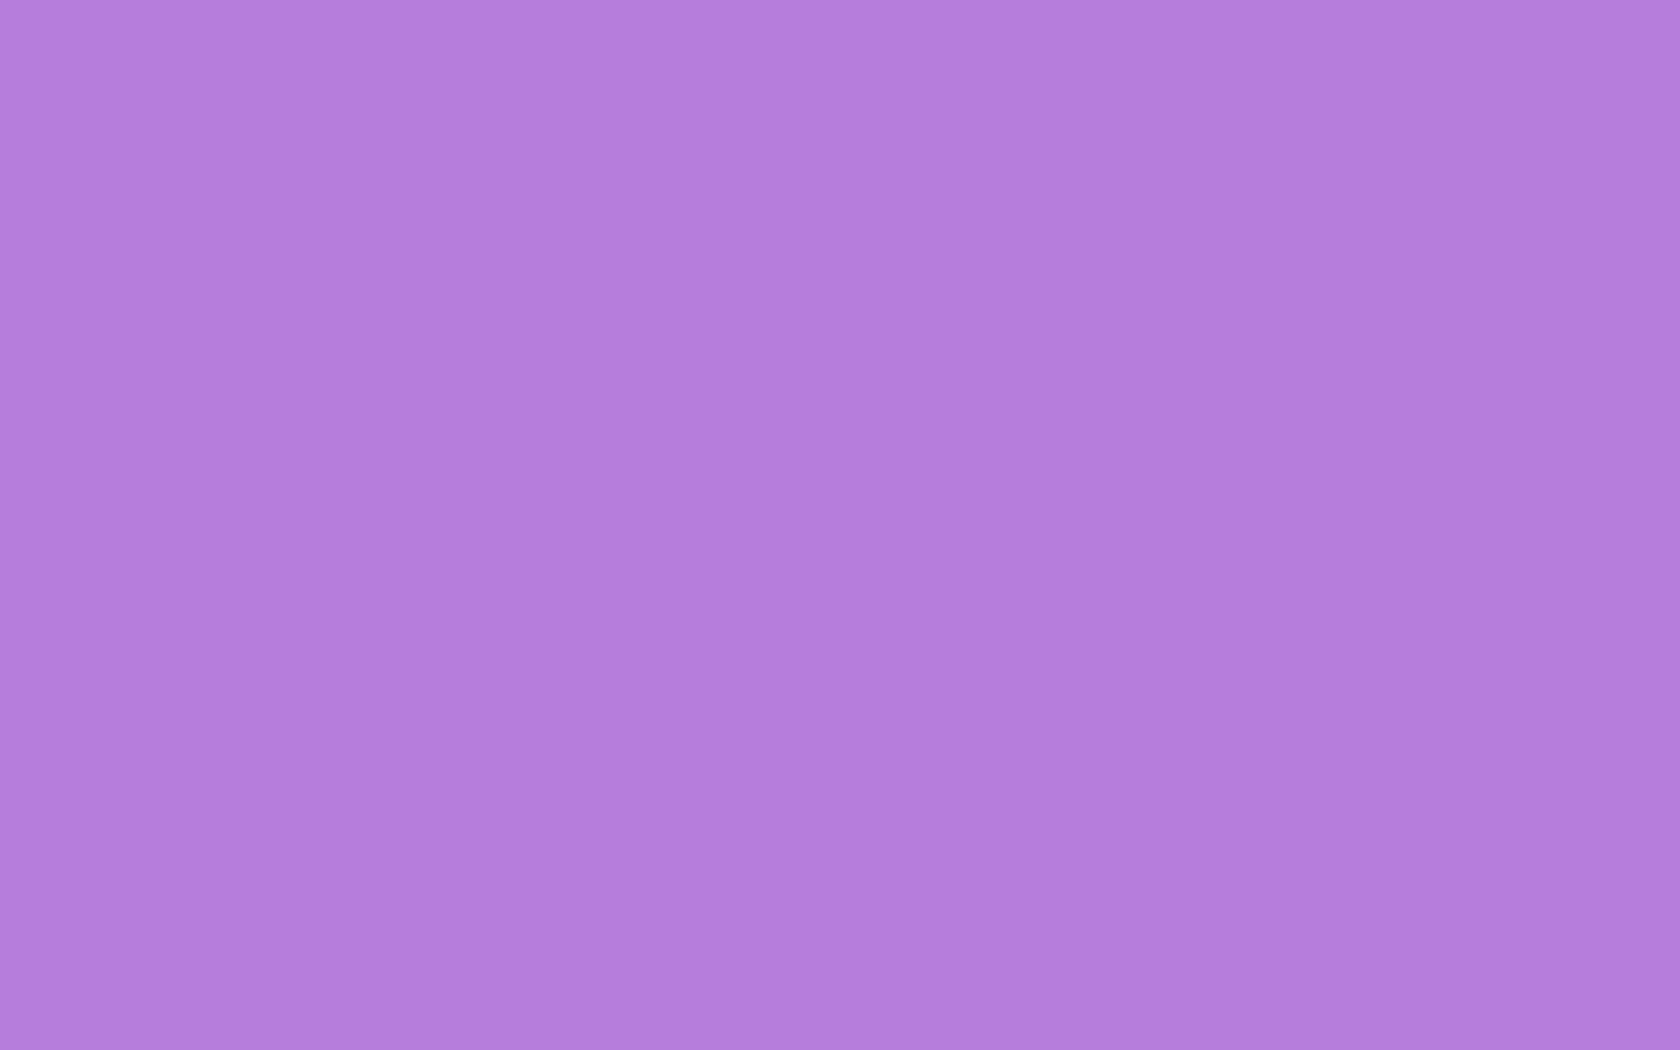 1680x1050 Lavender Floral Solid Color Background